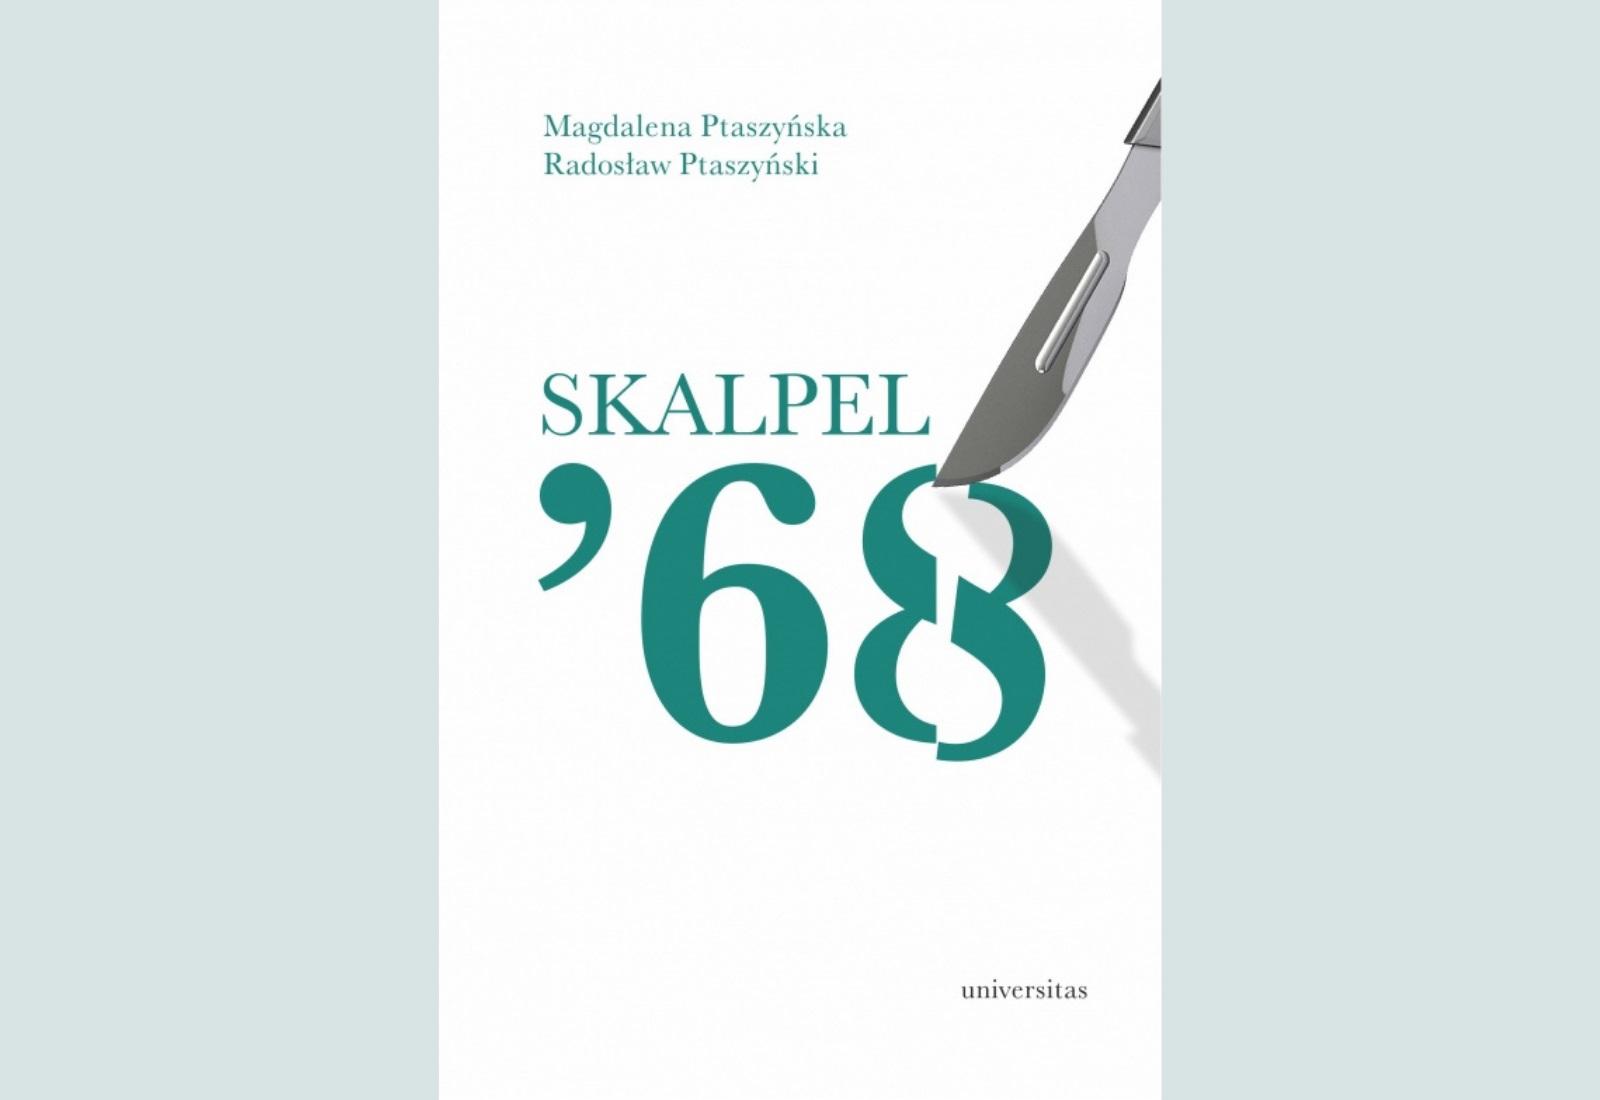 Na obrazie widzimy okładkę książki Skalpel '68.